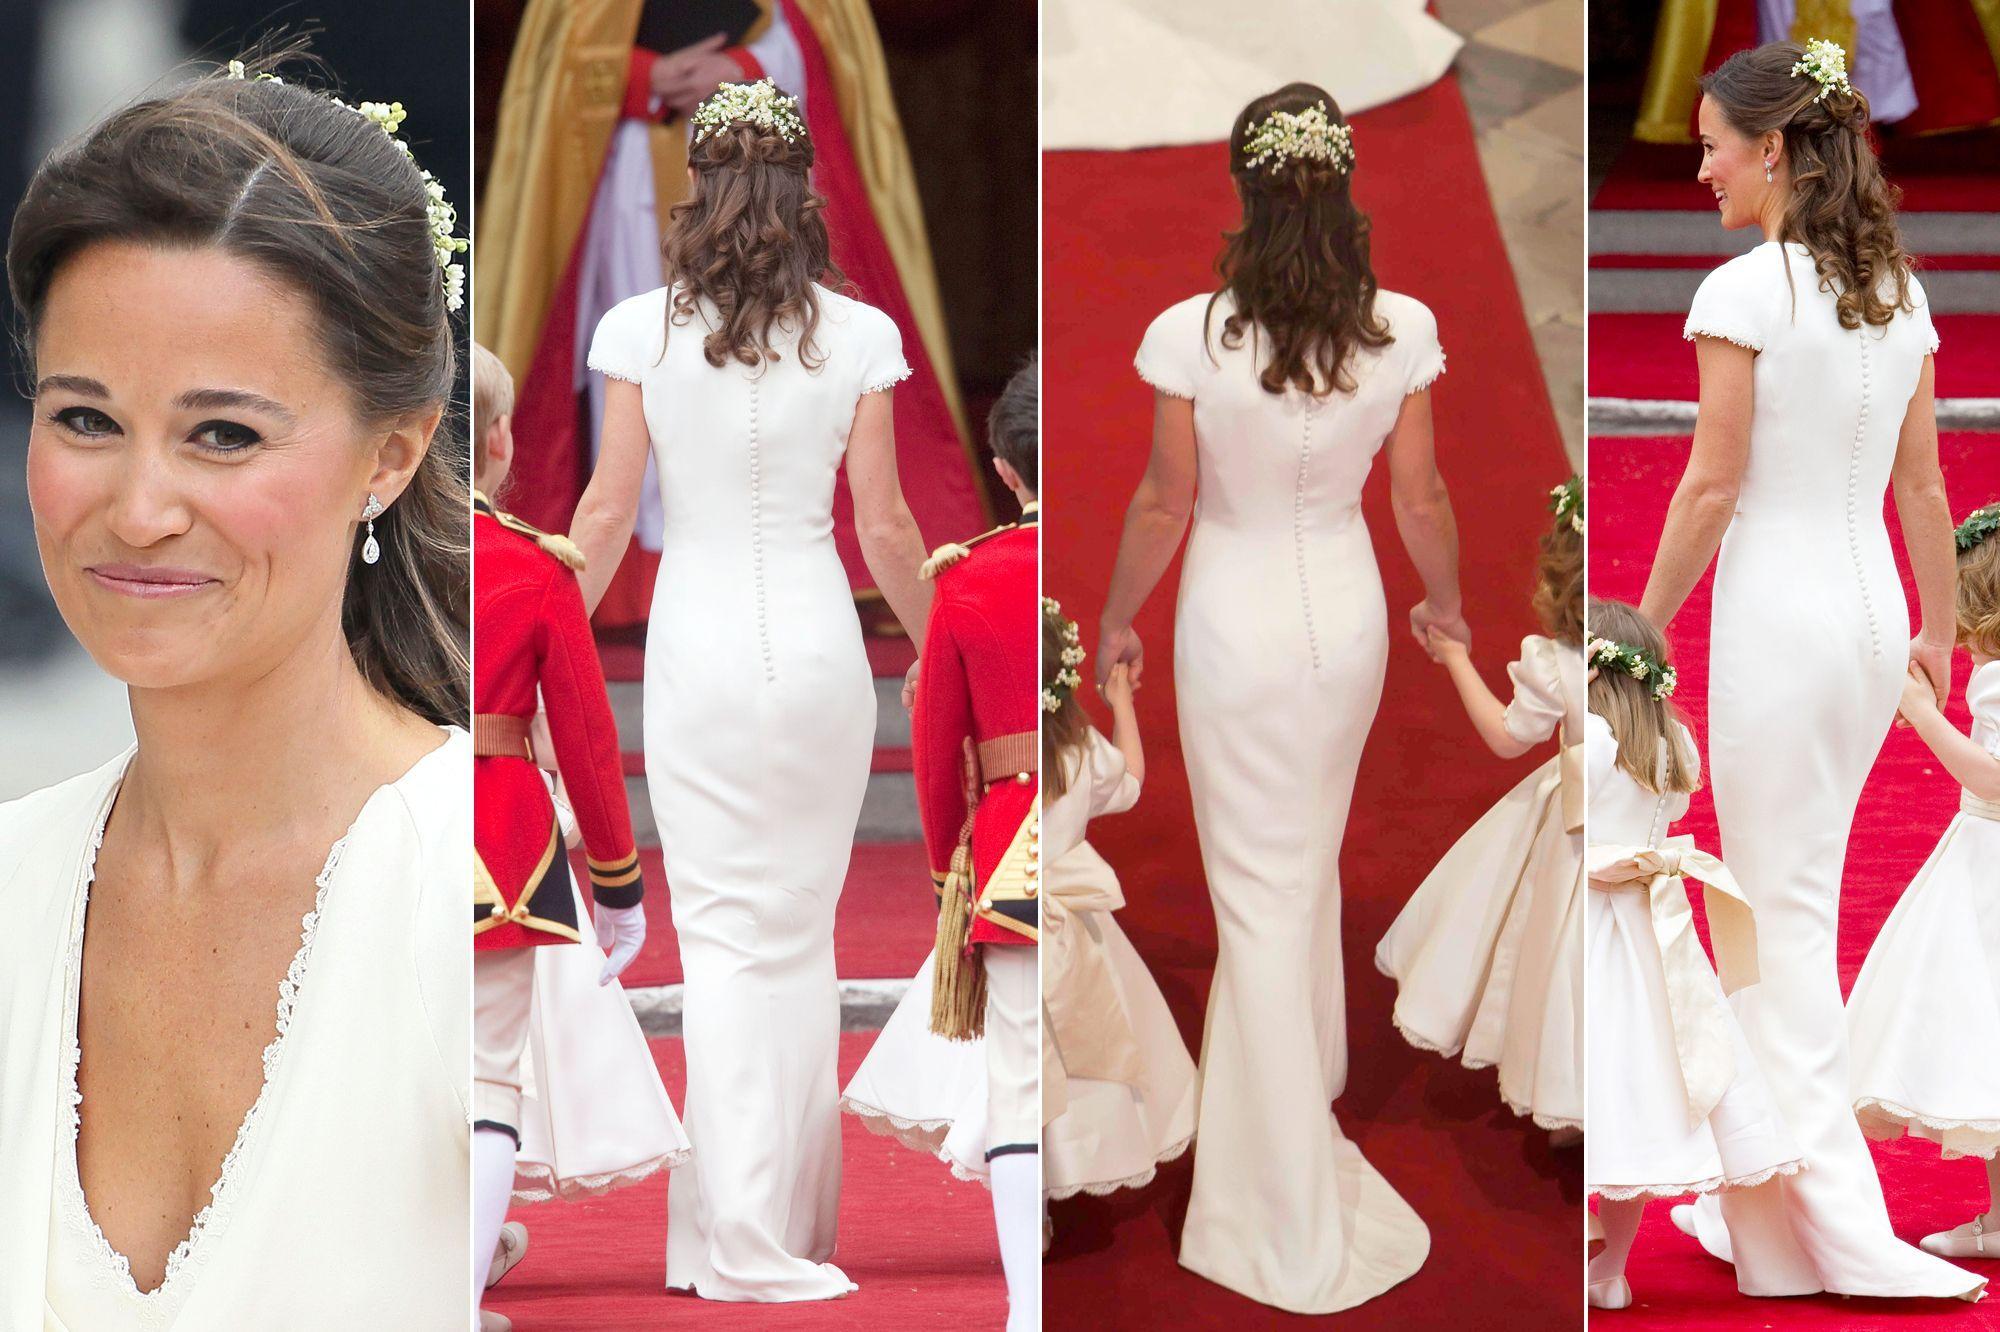 Le jour où Pippa Middleton a fait tourner les têtes du monde